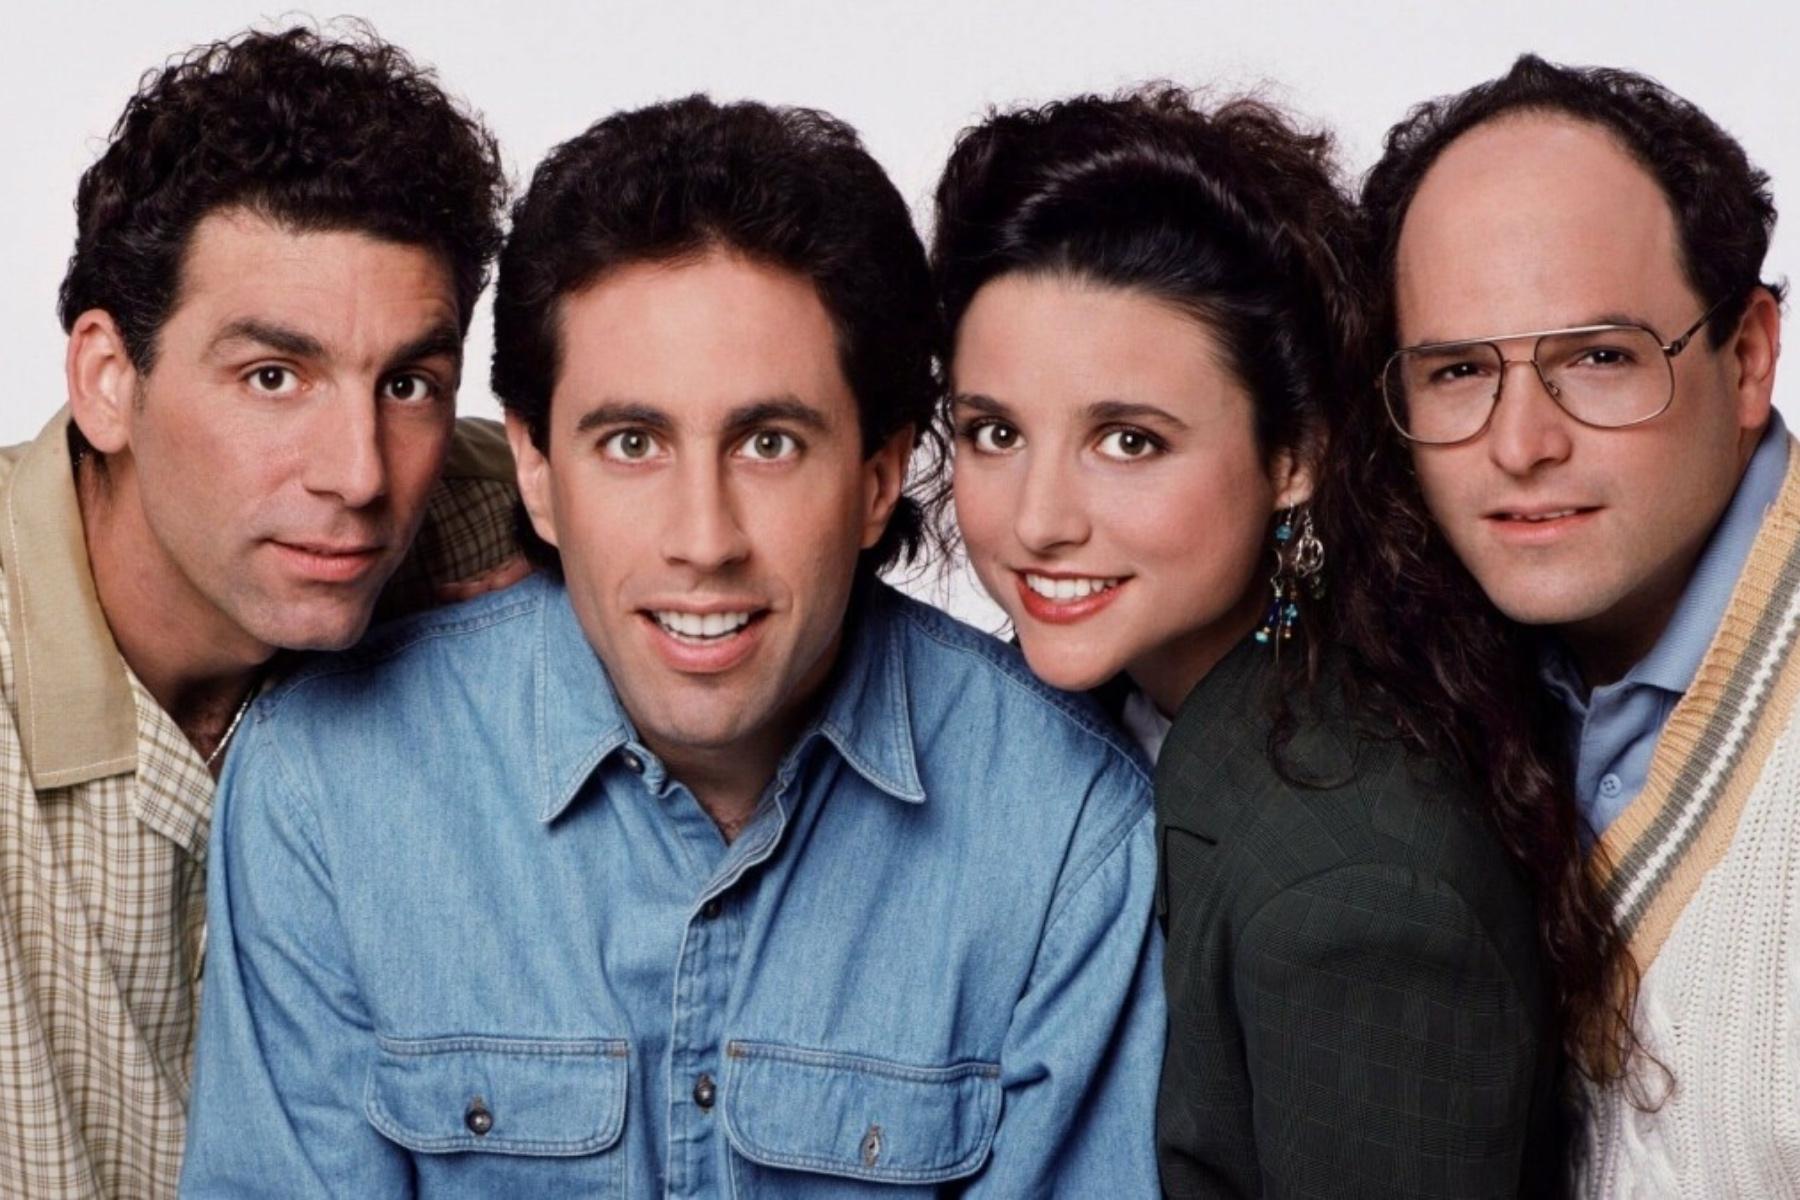 Geheimtipp Hamburg Guide Serien Seinfeld – ©Netflix